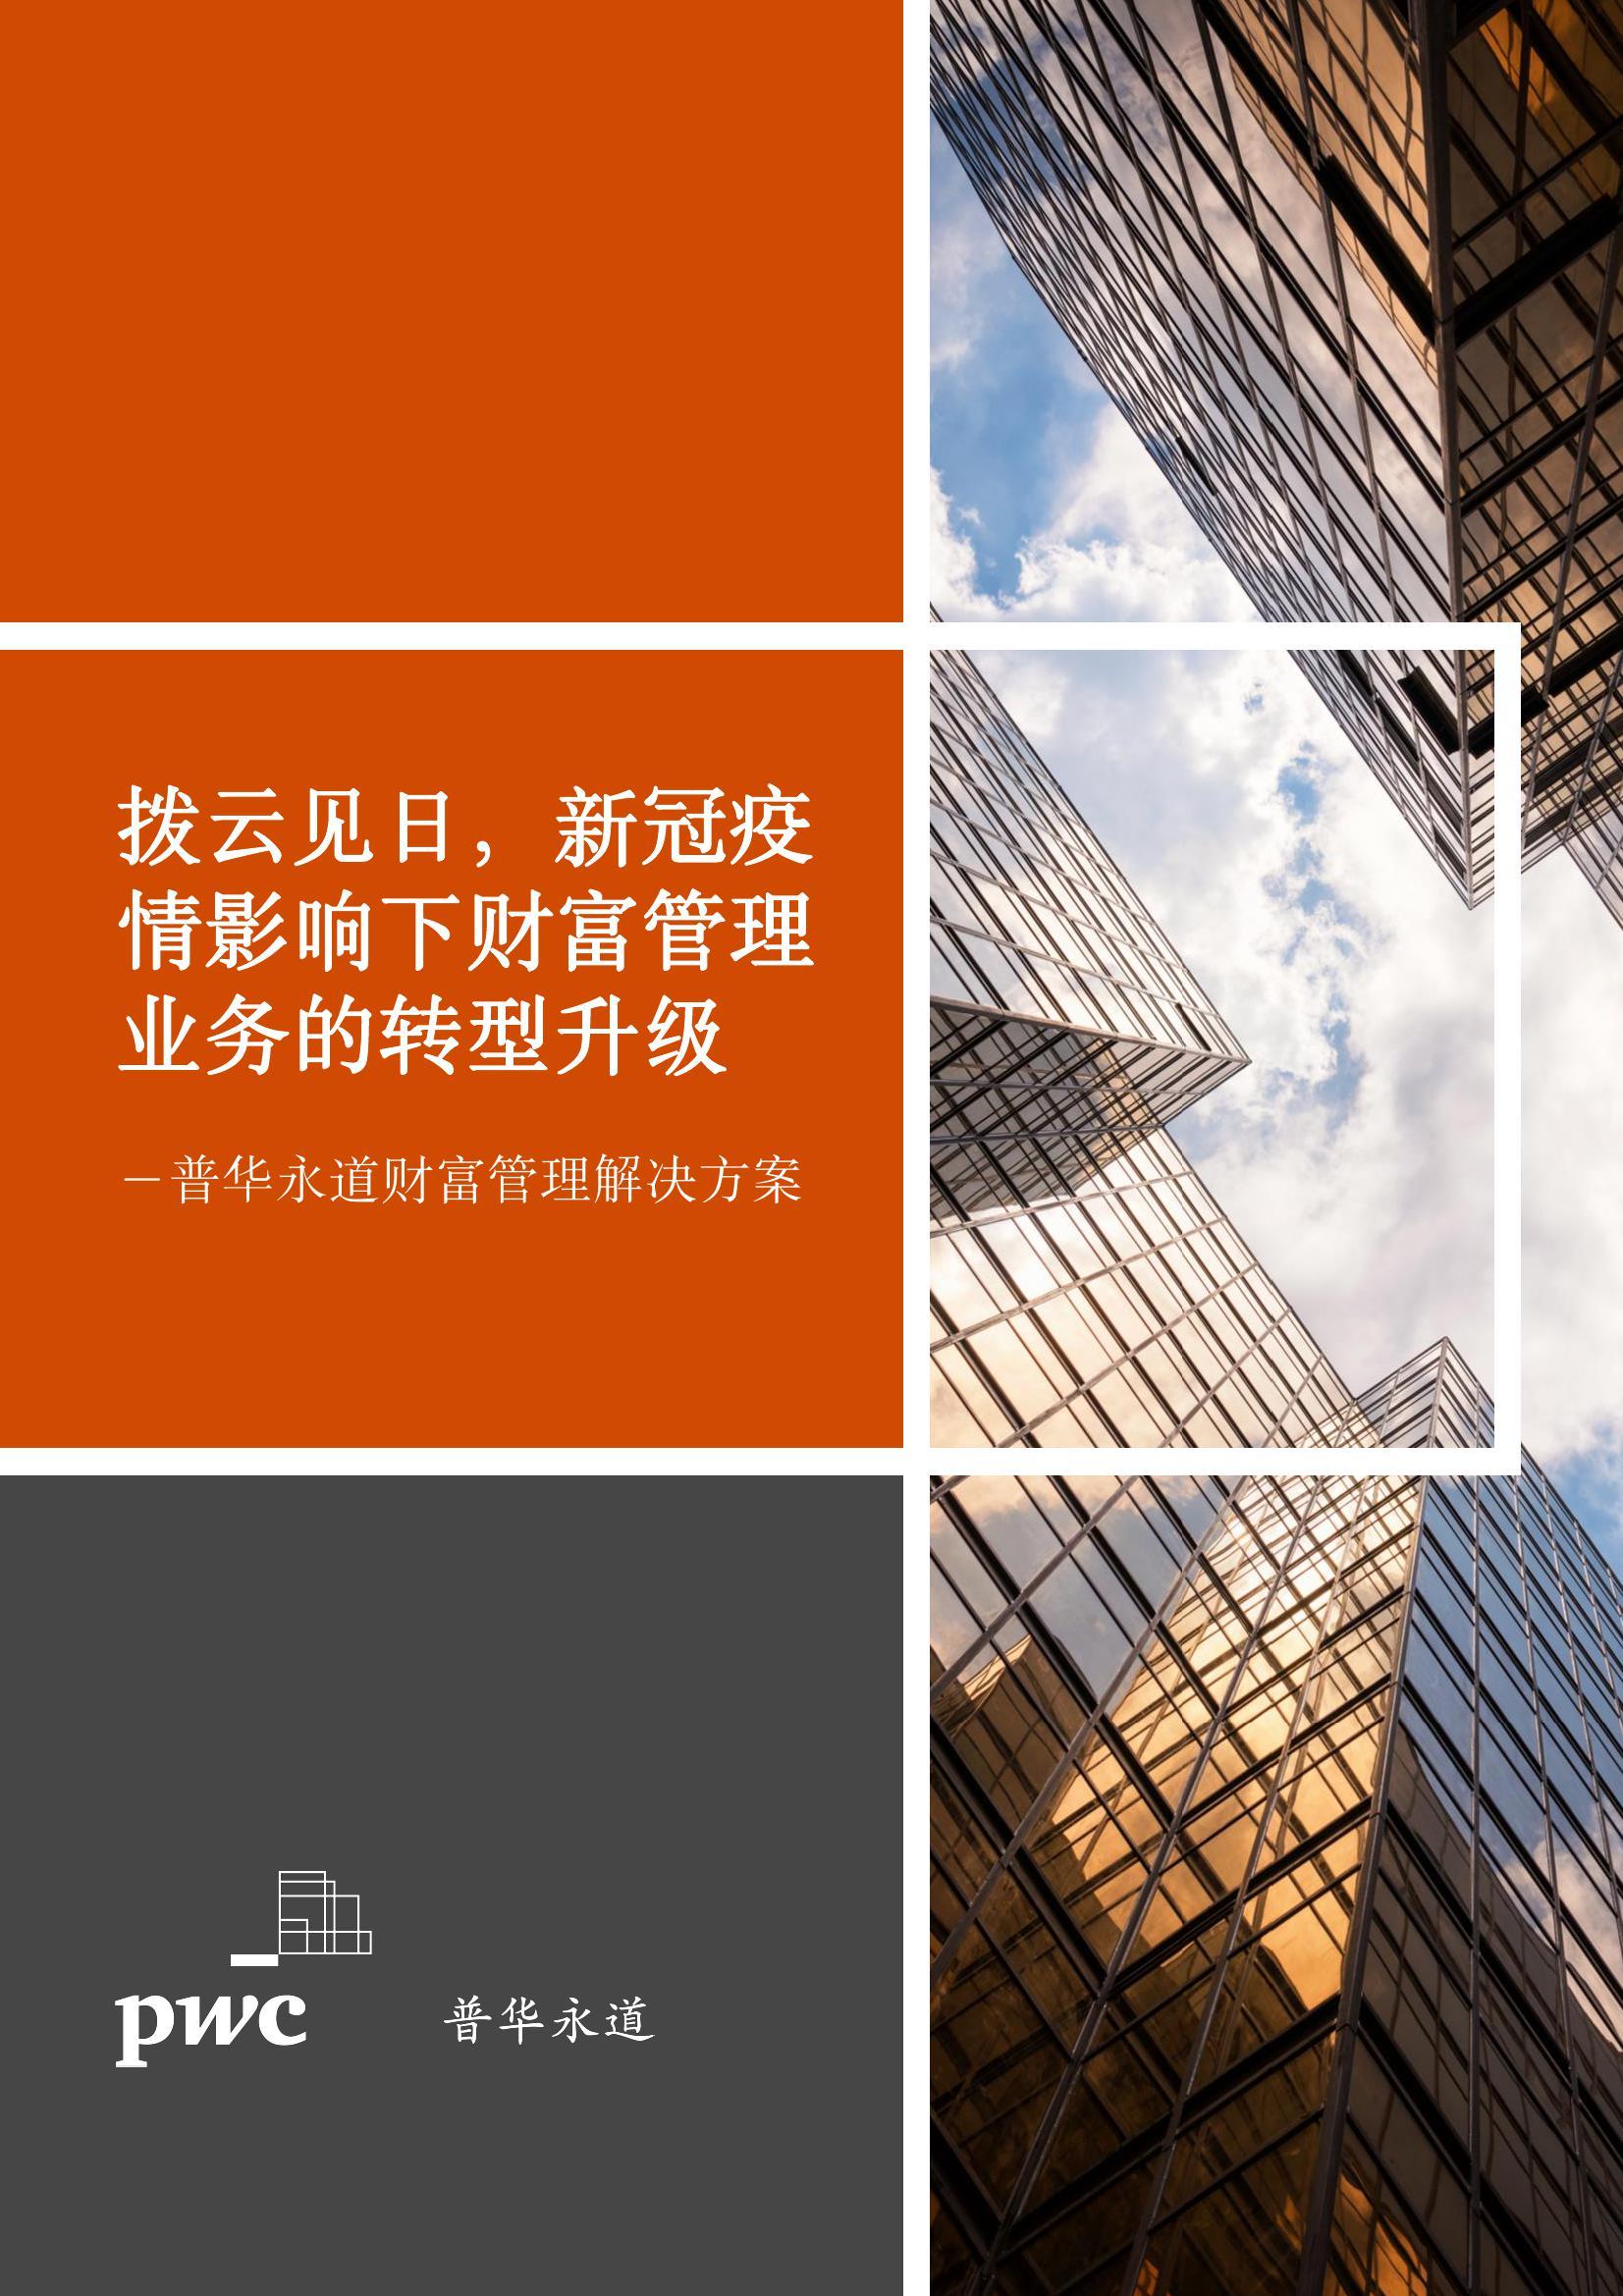 普华永道:拨云见日,新冠疫情影响下财富管理业务的转型升级(附下载)